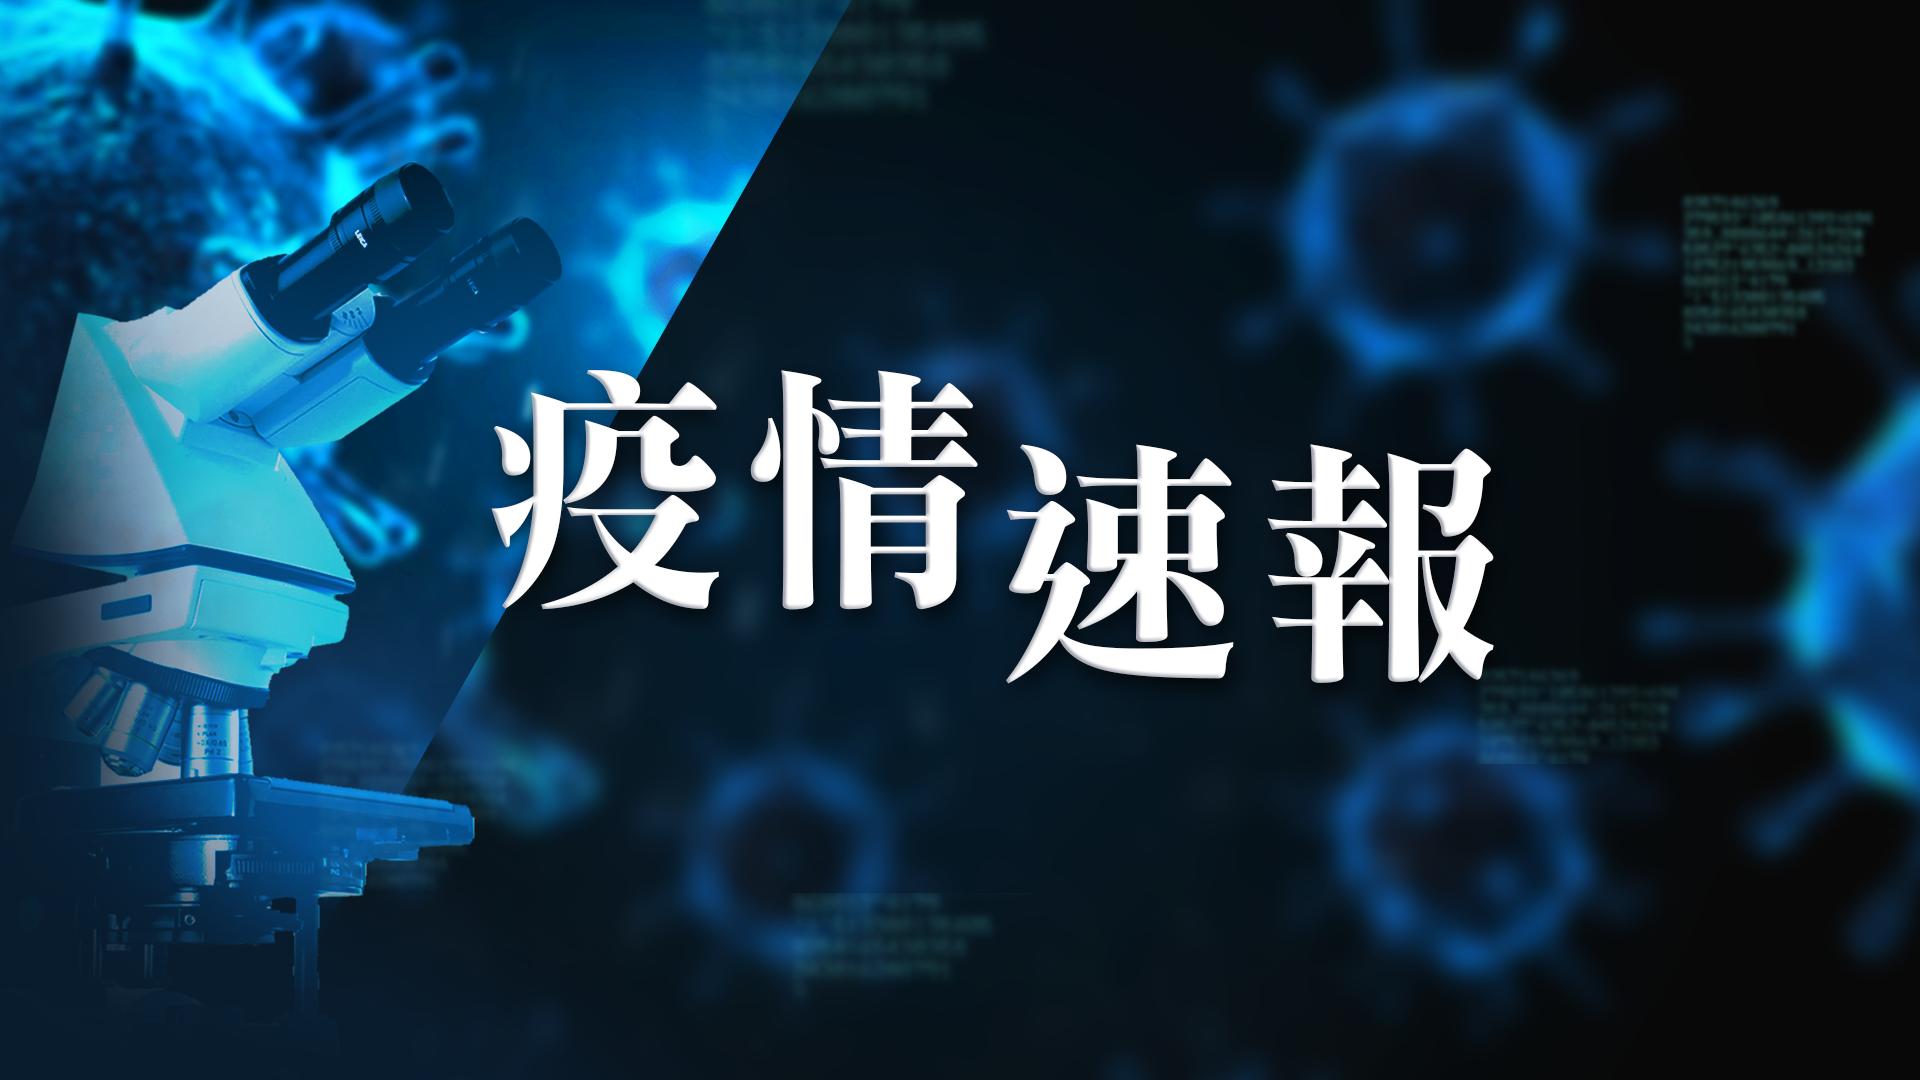 【1月21日疫情速報】(09:50)